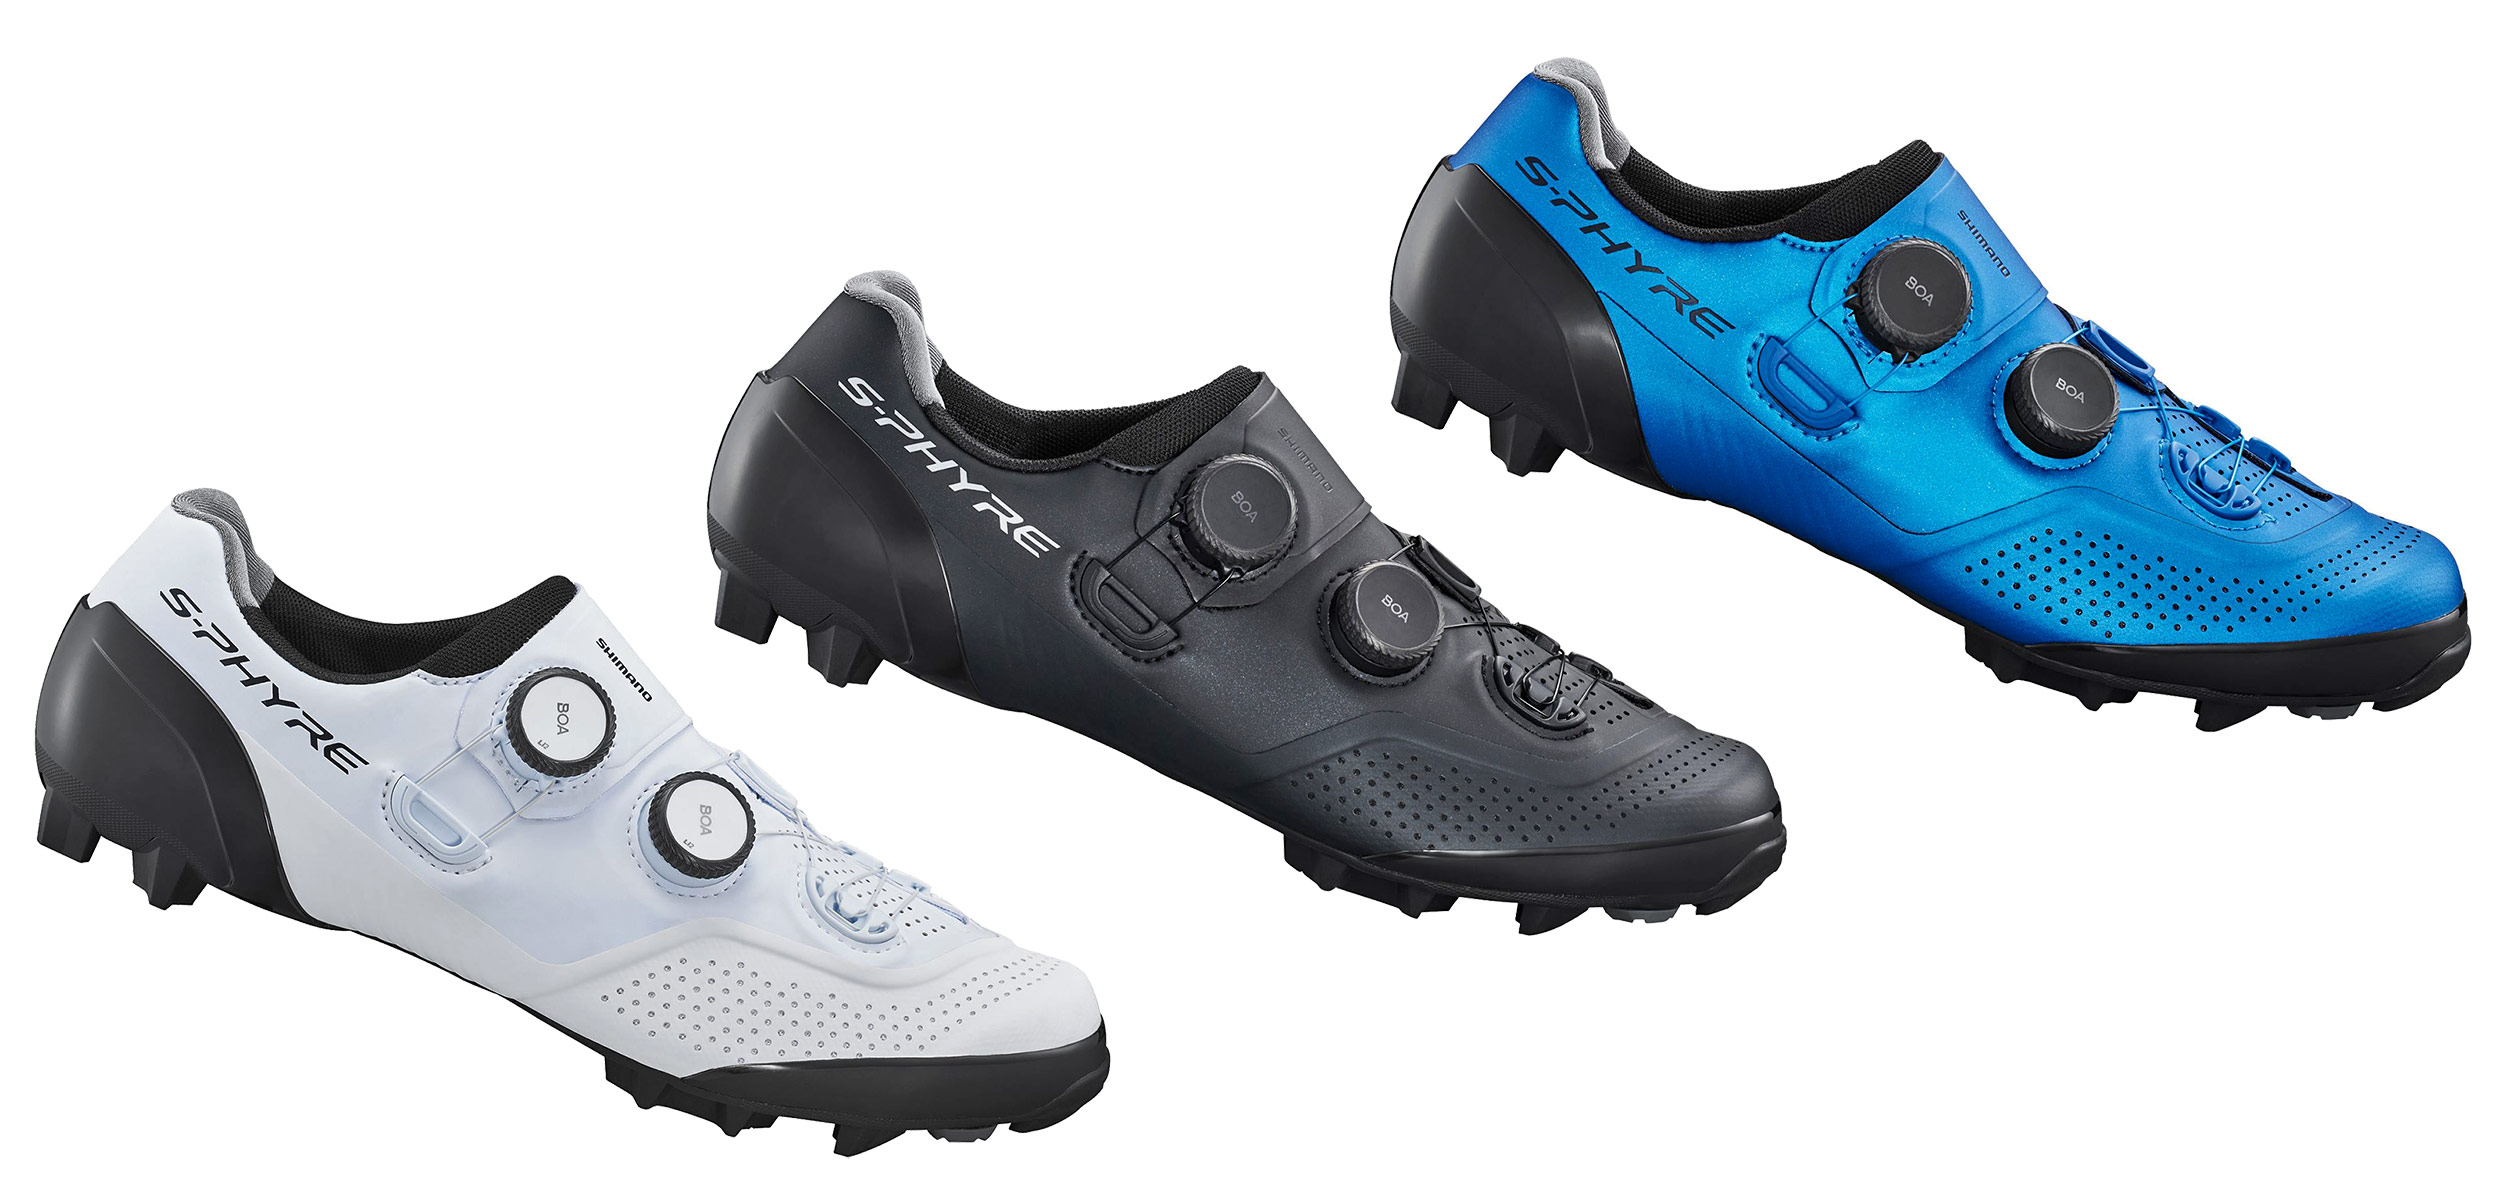 Shimano S-Phyre XC902 MTB shoes, next-gen XC9 cross-country mountain bike shoe,colors